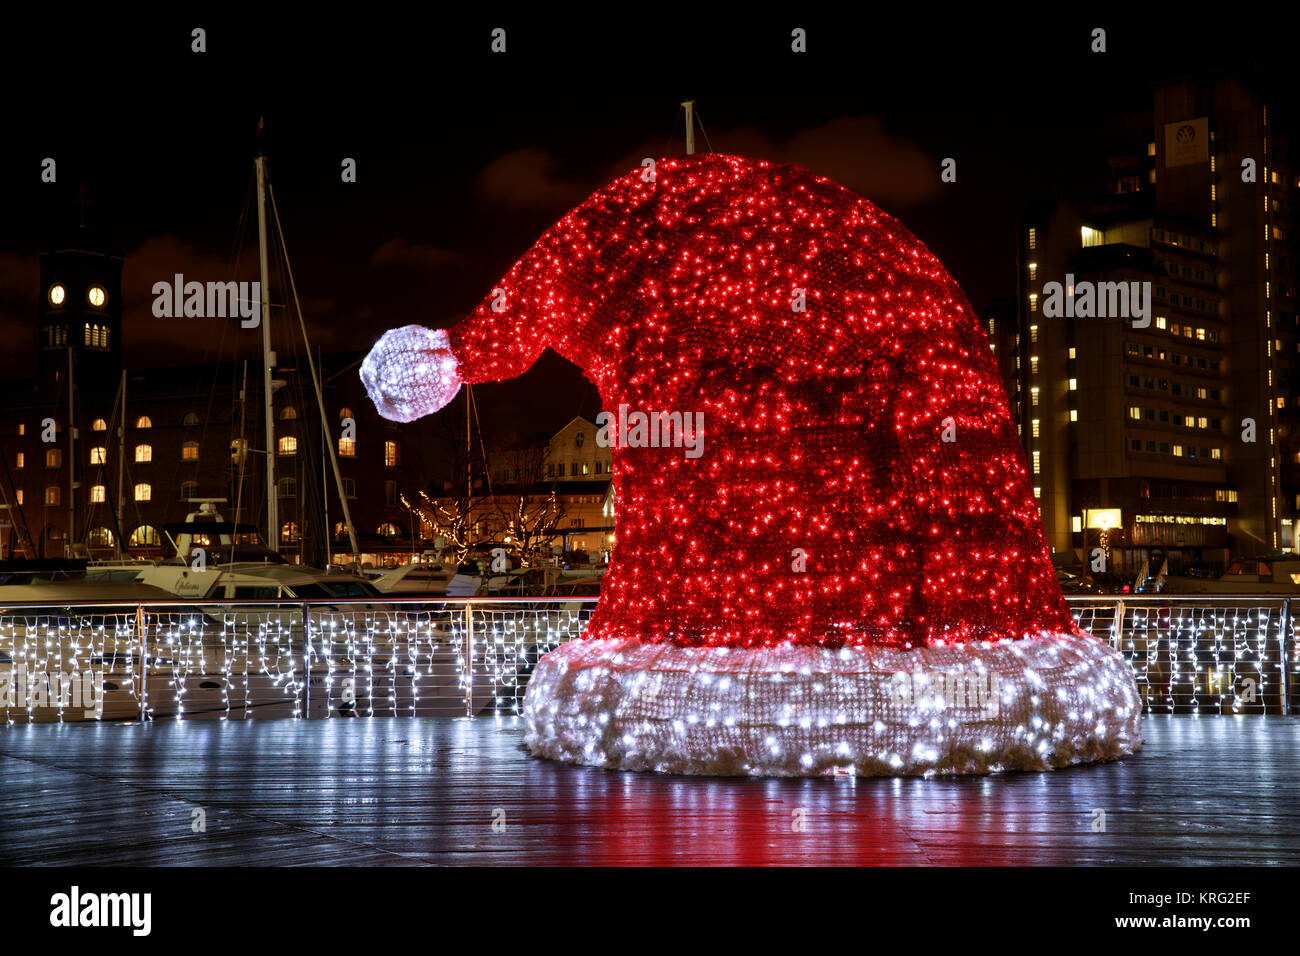 Giant illuminated Santa Hat in St. Katharine's Dock, London, England. - Stock Image